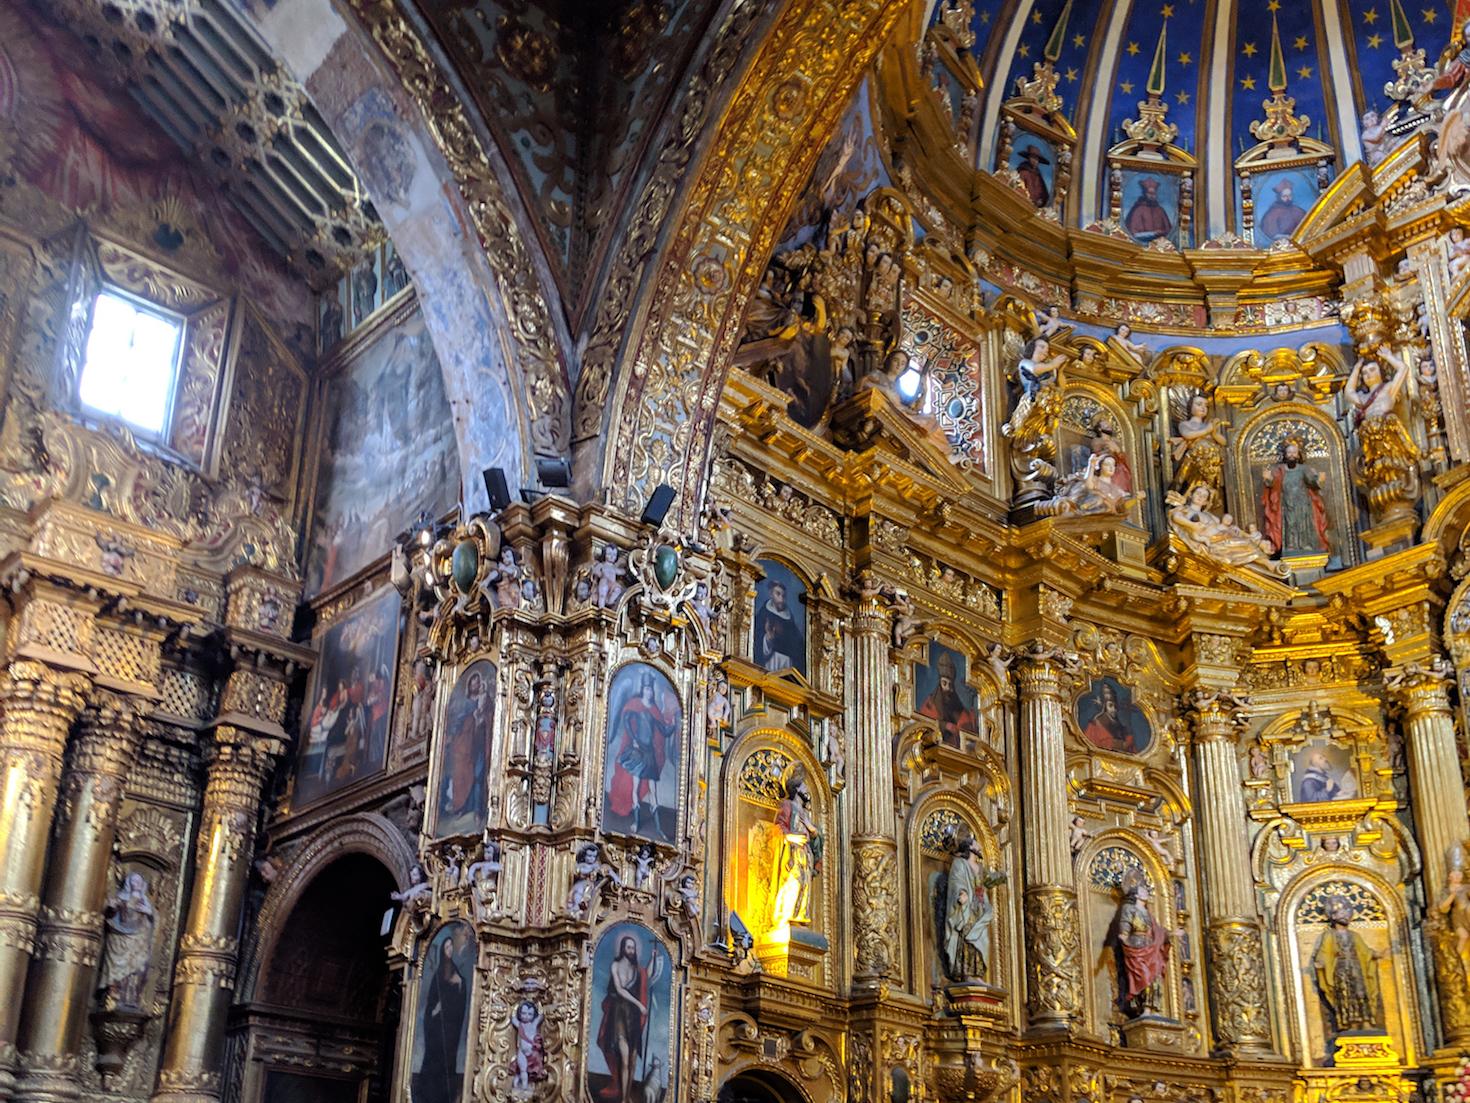 Interior of Iglesia de La Compañía de Jesús